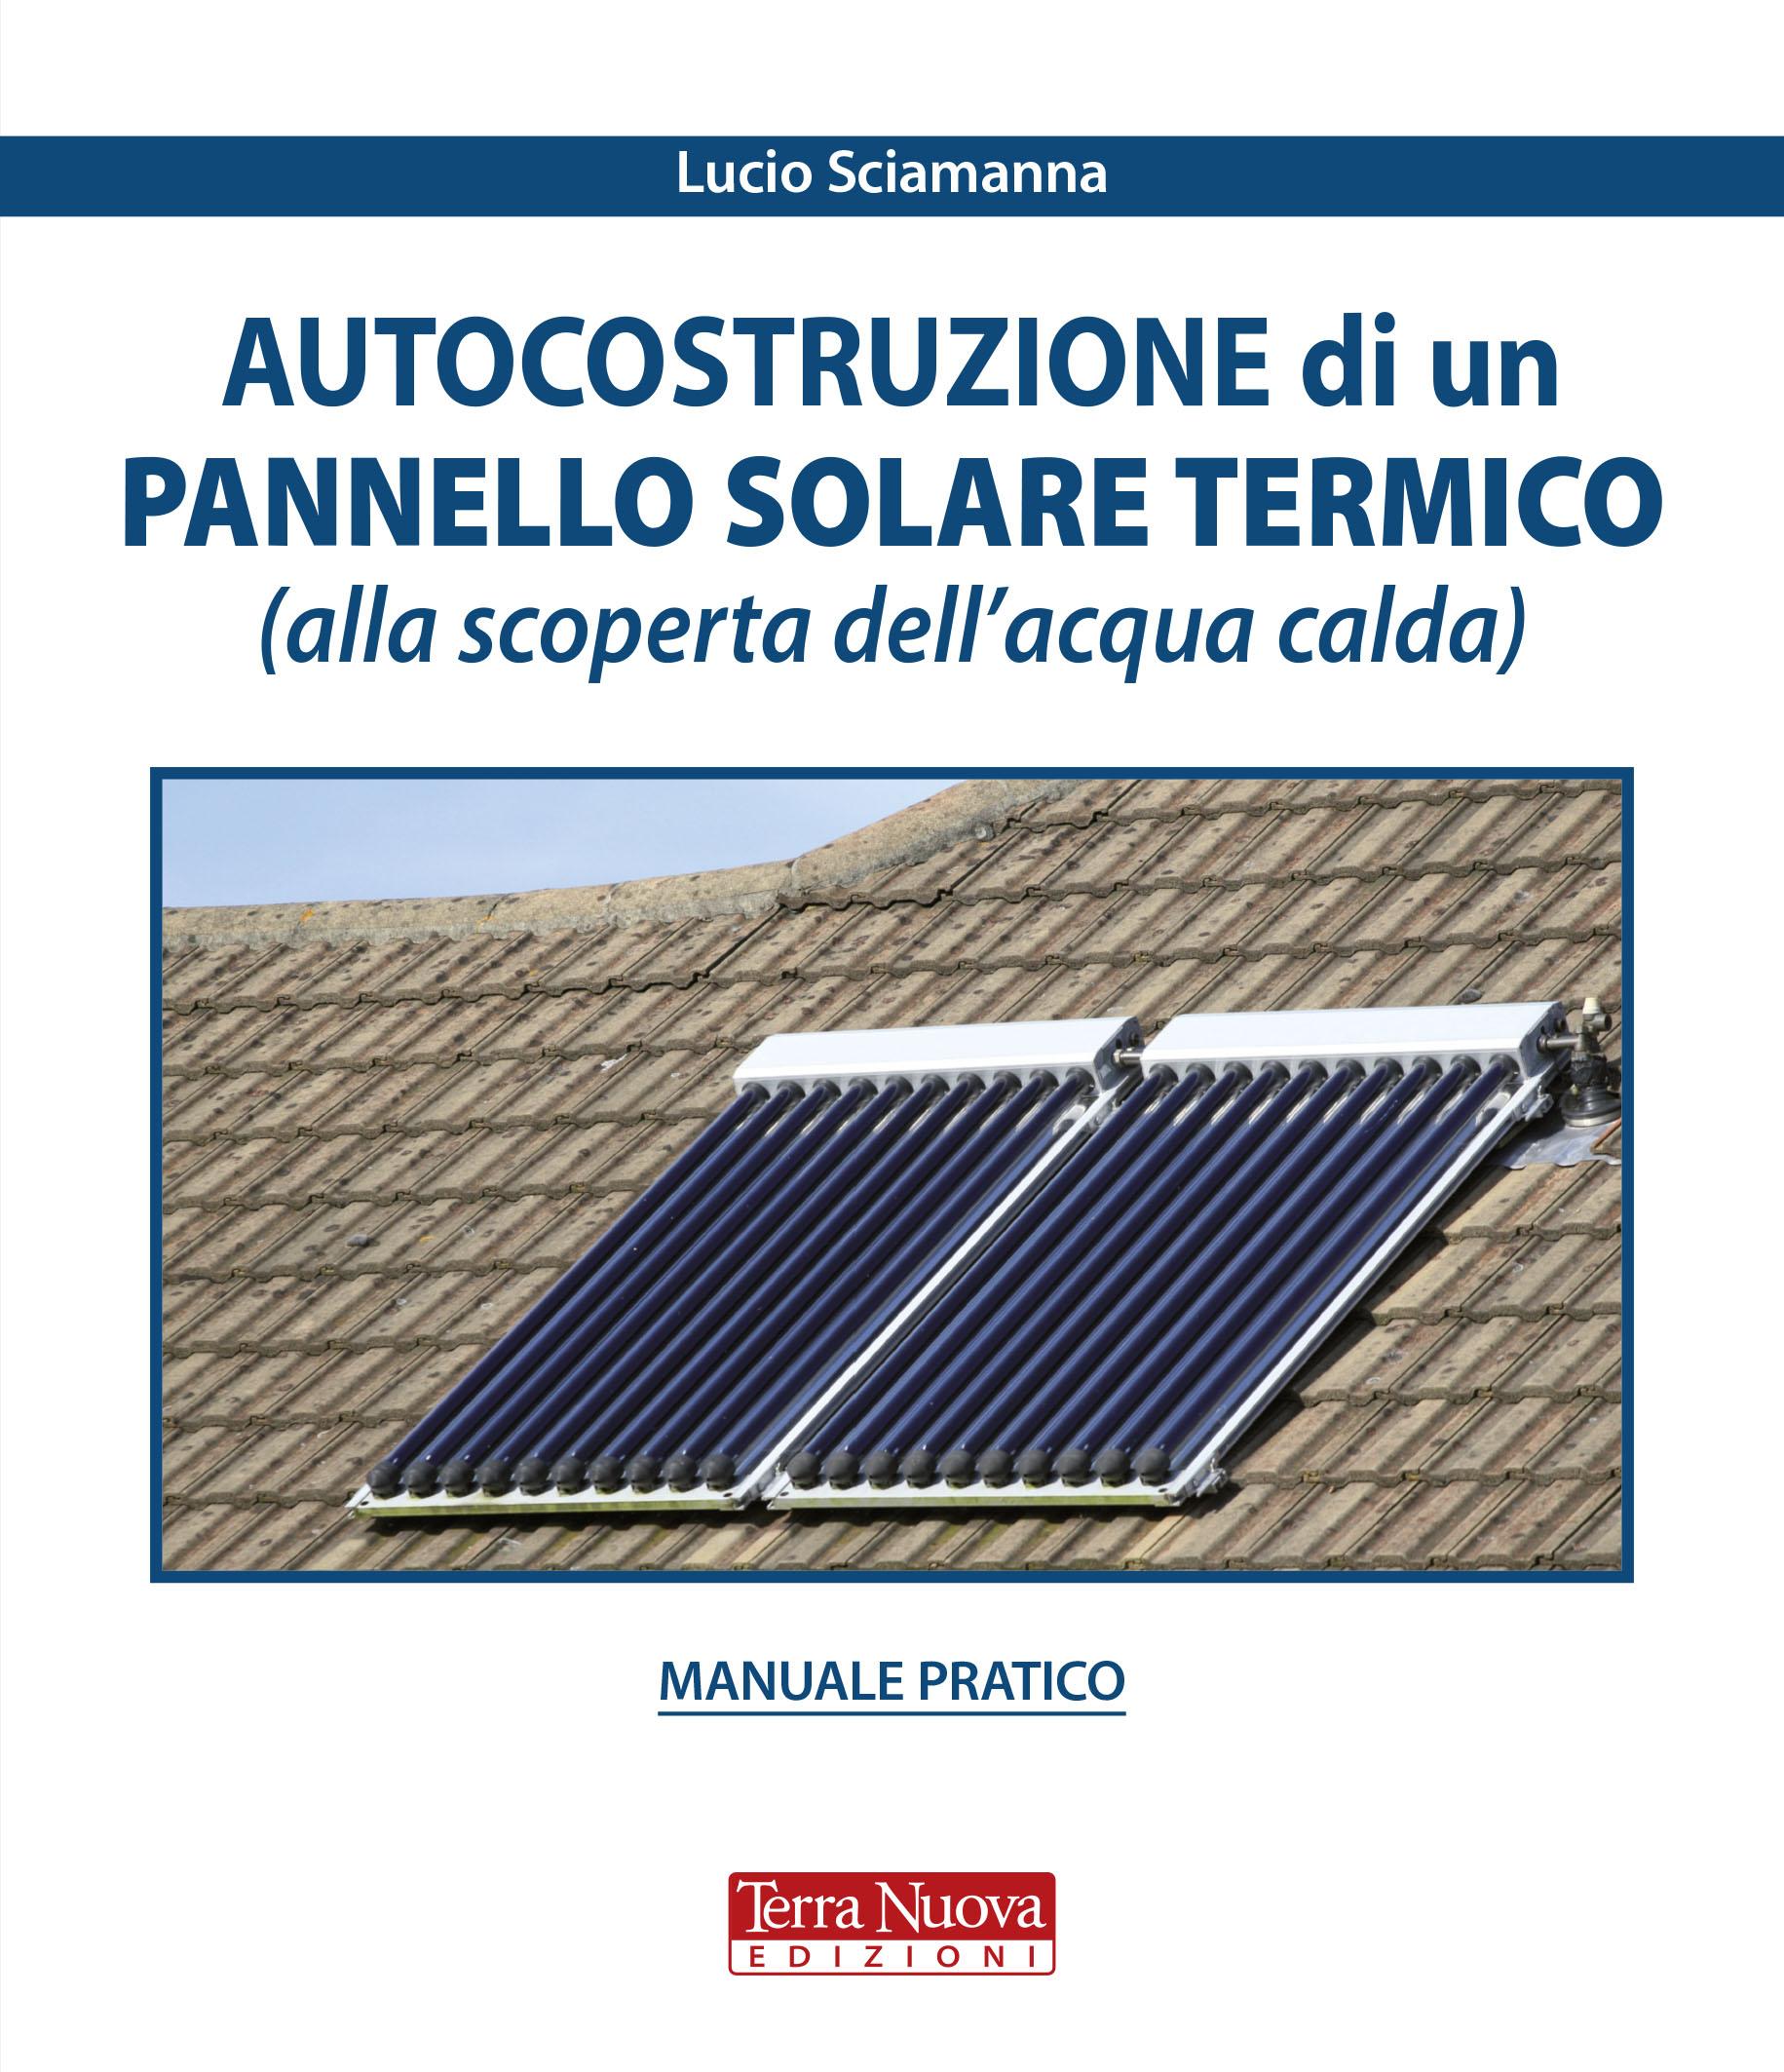 Pannello Solare Termico Voce Capitolato : Autocostruzione di un pannello solare termico alla